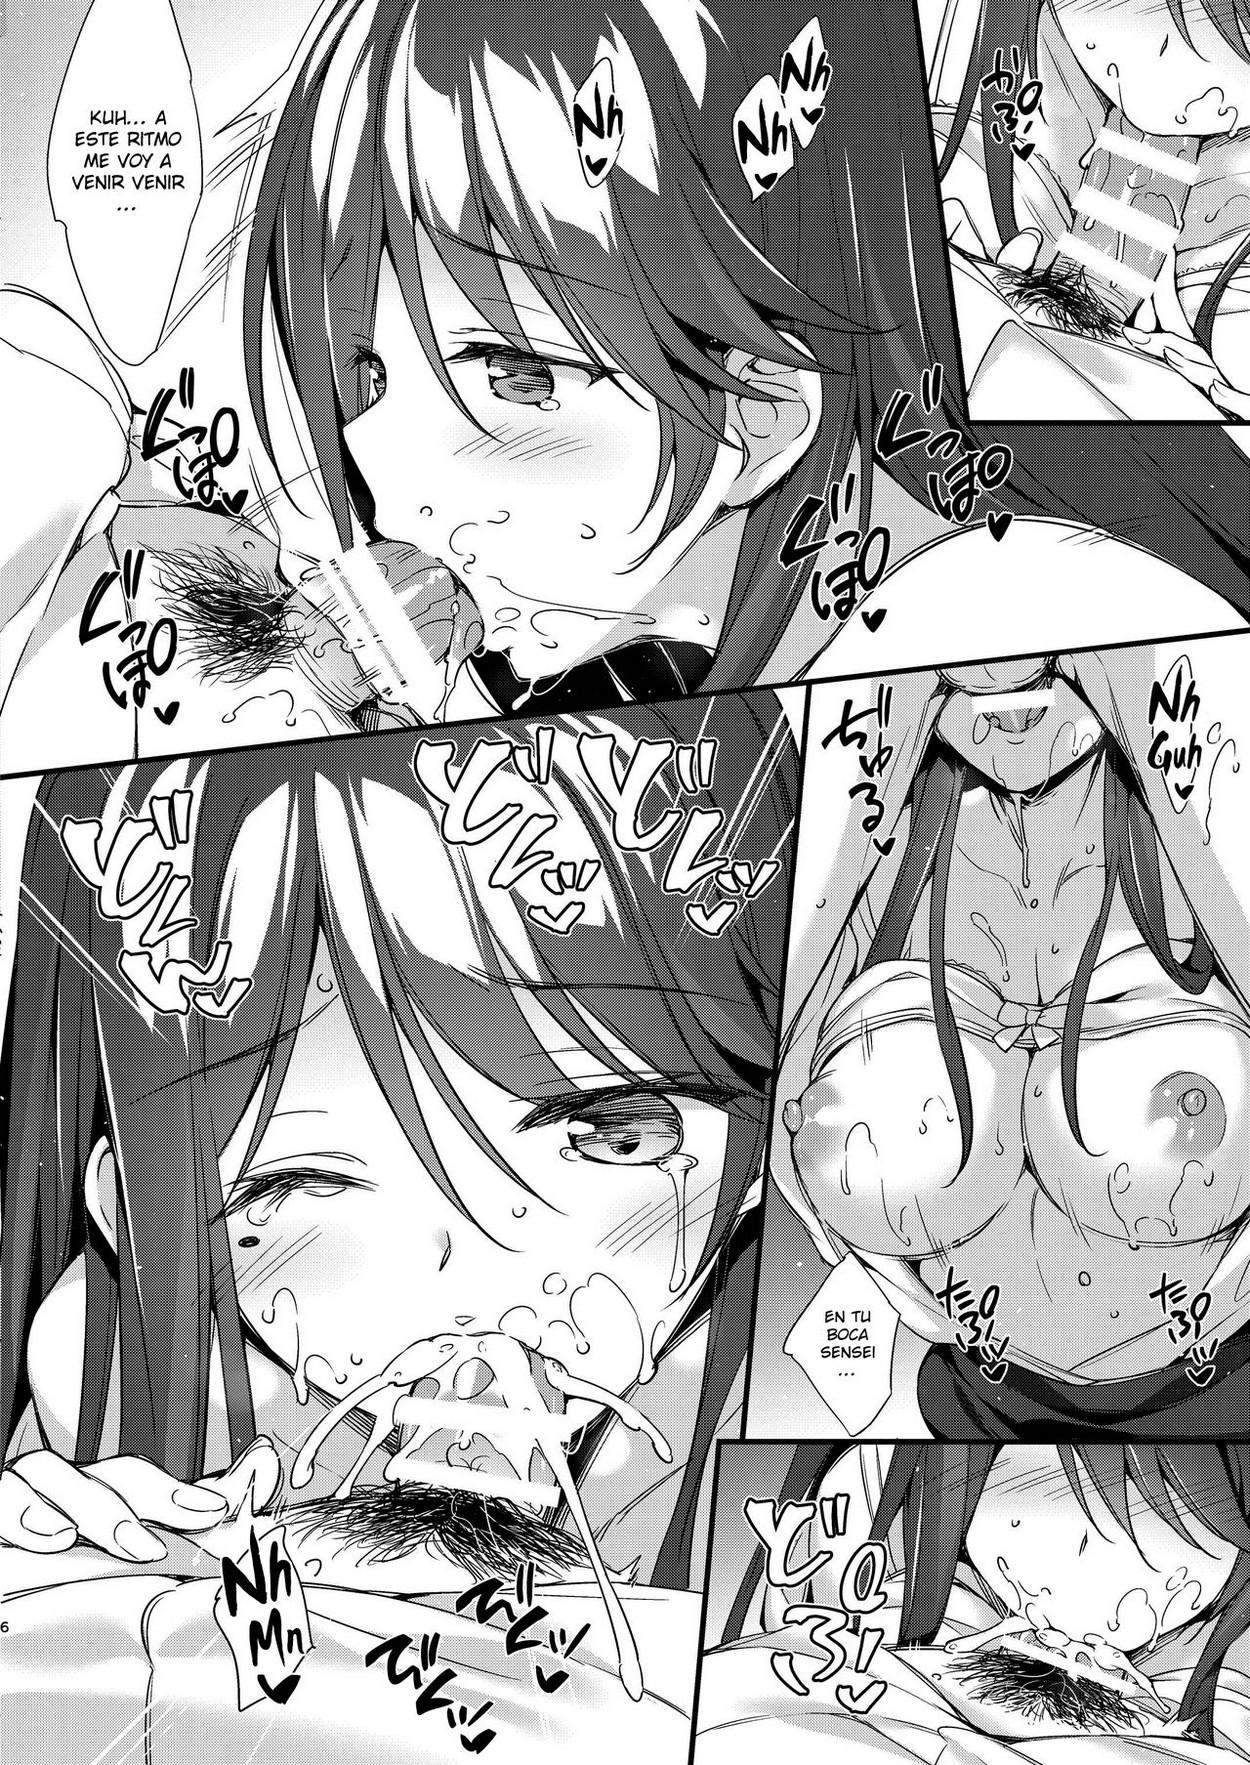 Hinano-Sensei-Is-My-Girlfriend-05.jpg